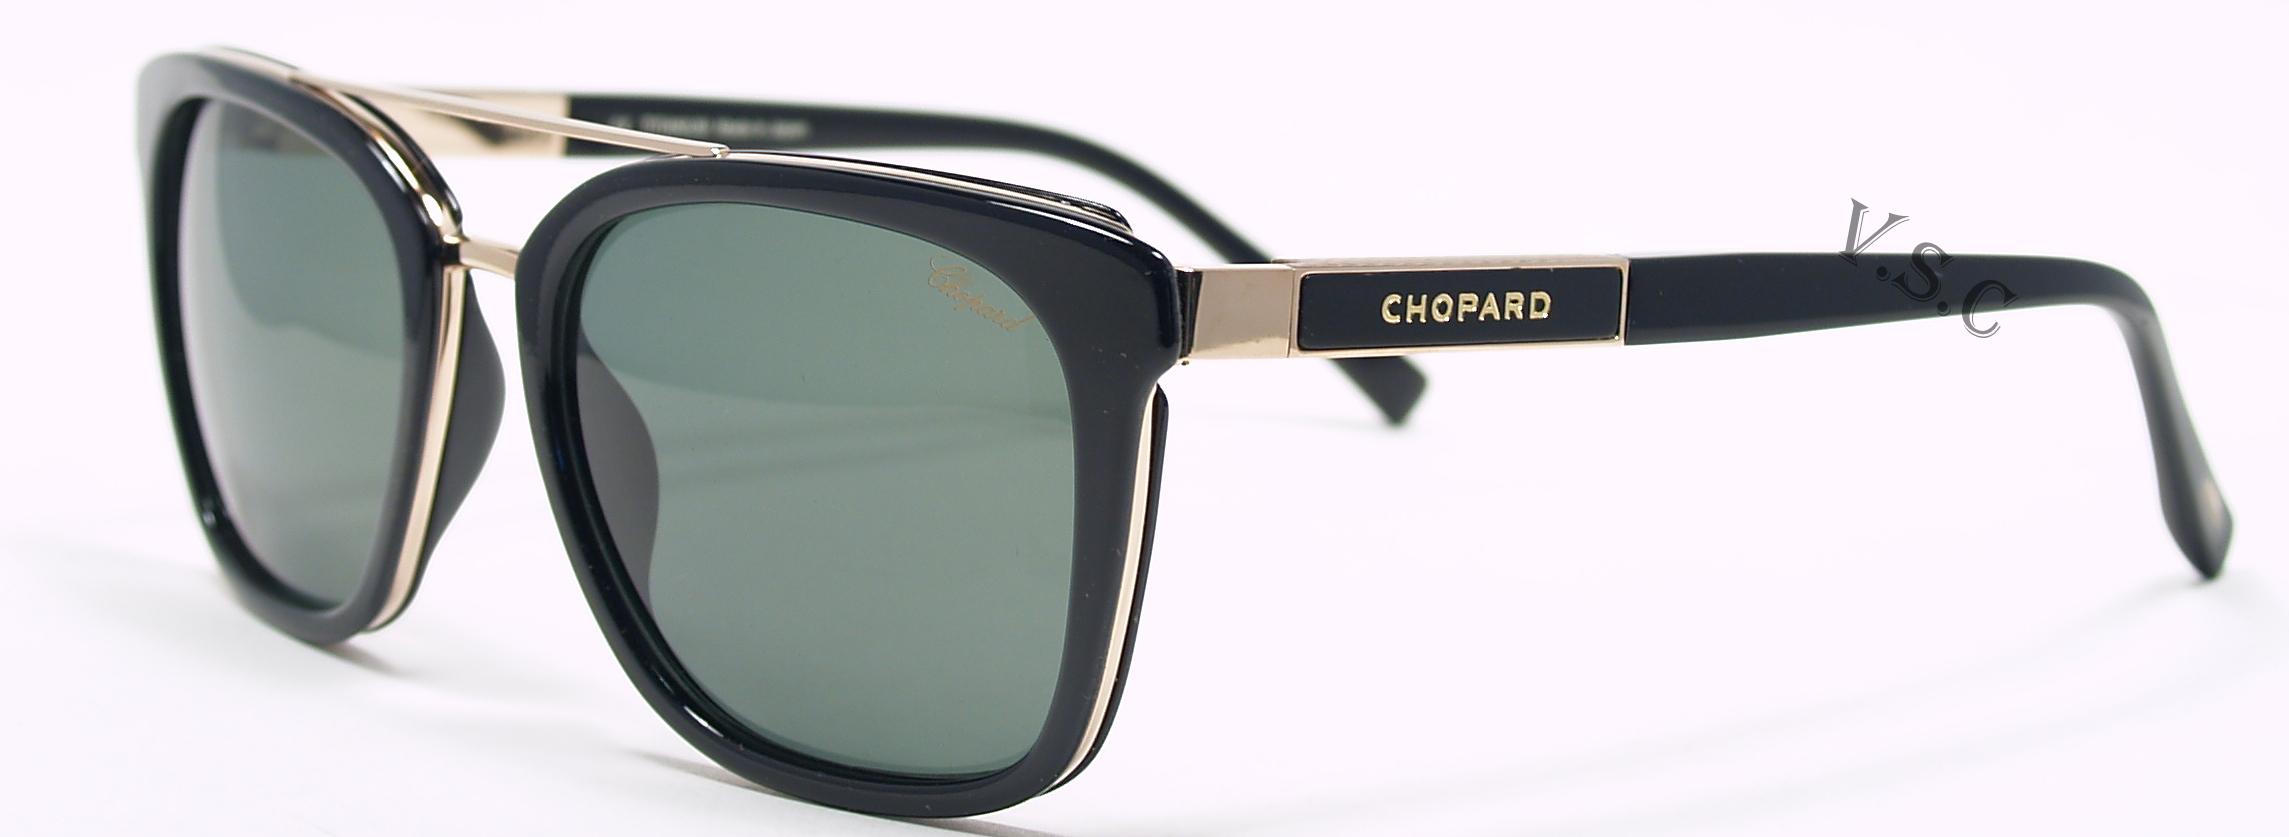 CHOPARD 04S